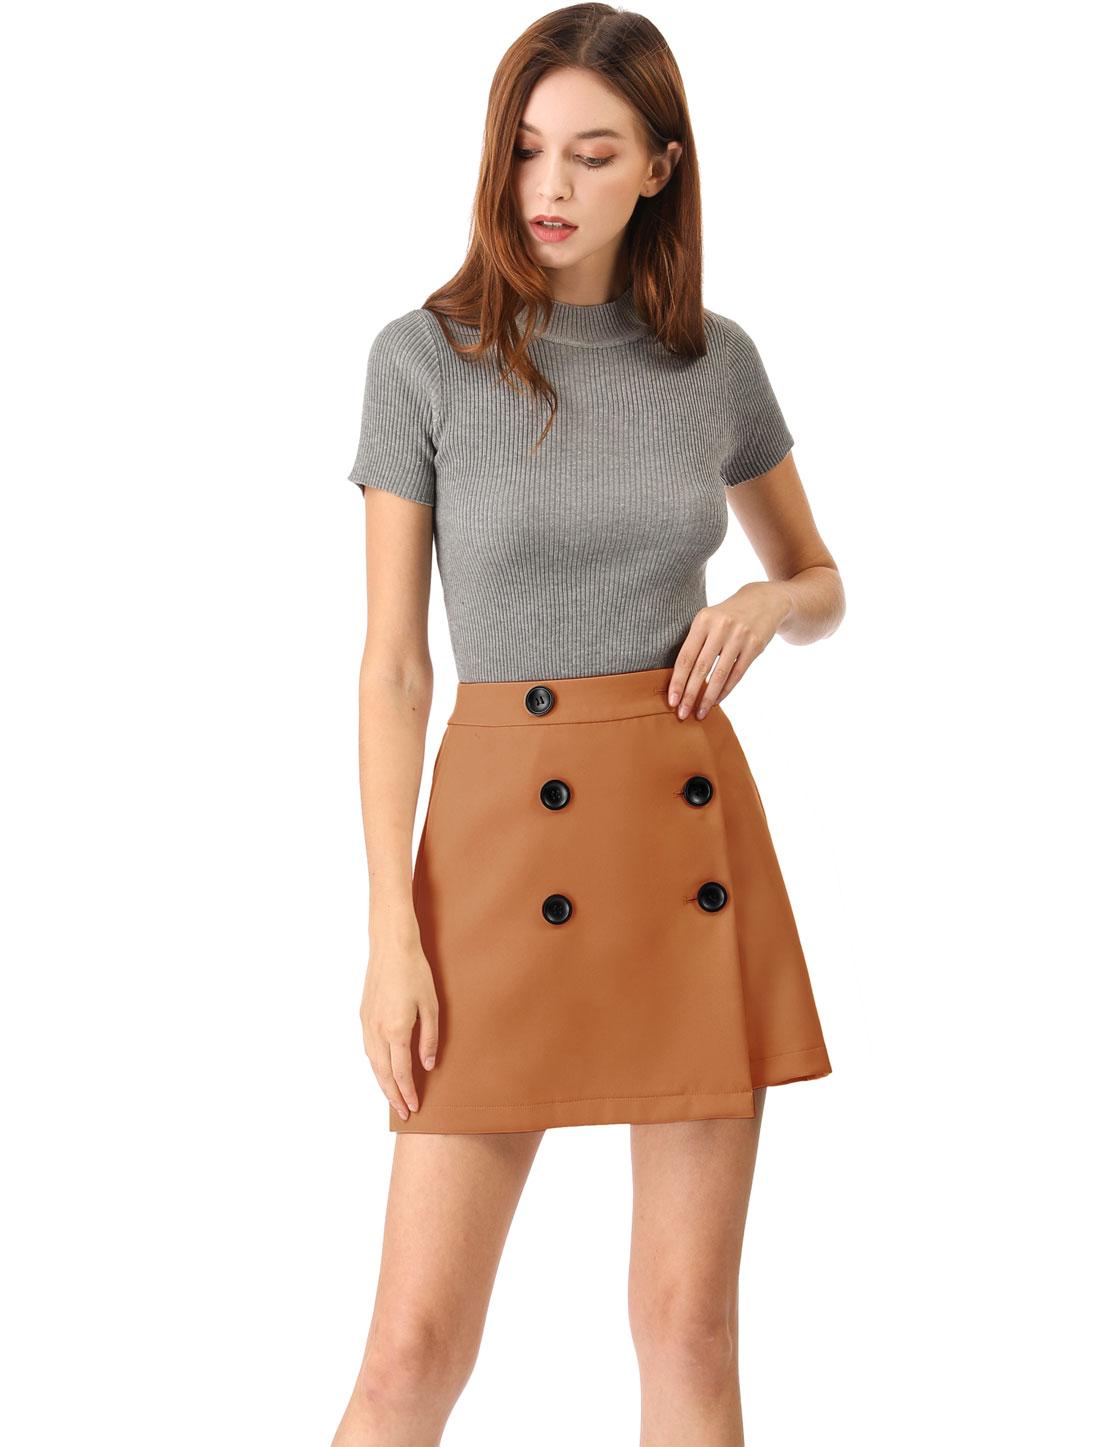 Women's High Waist A-line Above Knee Button Up Skirt Brown XL